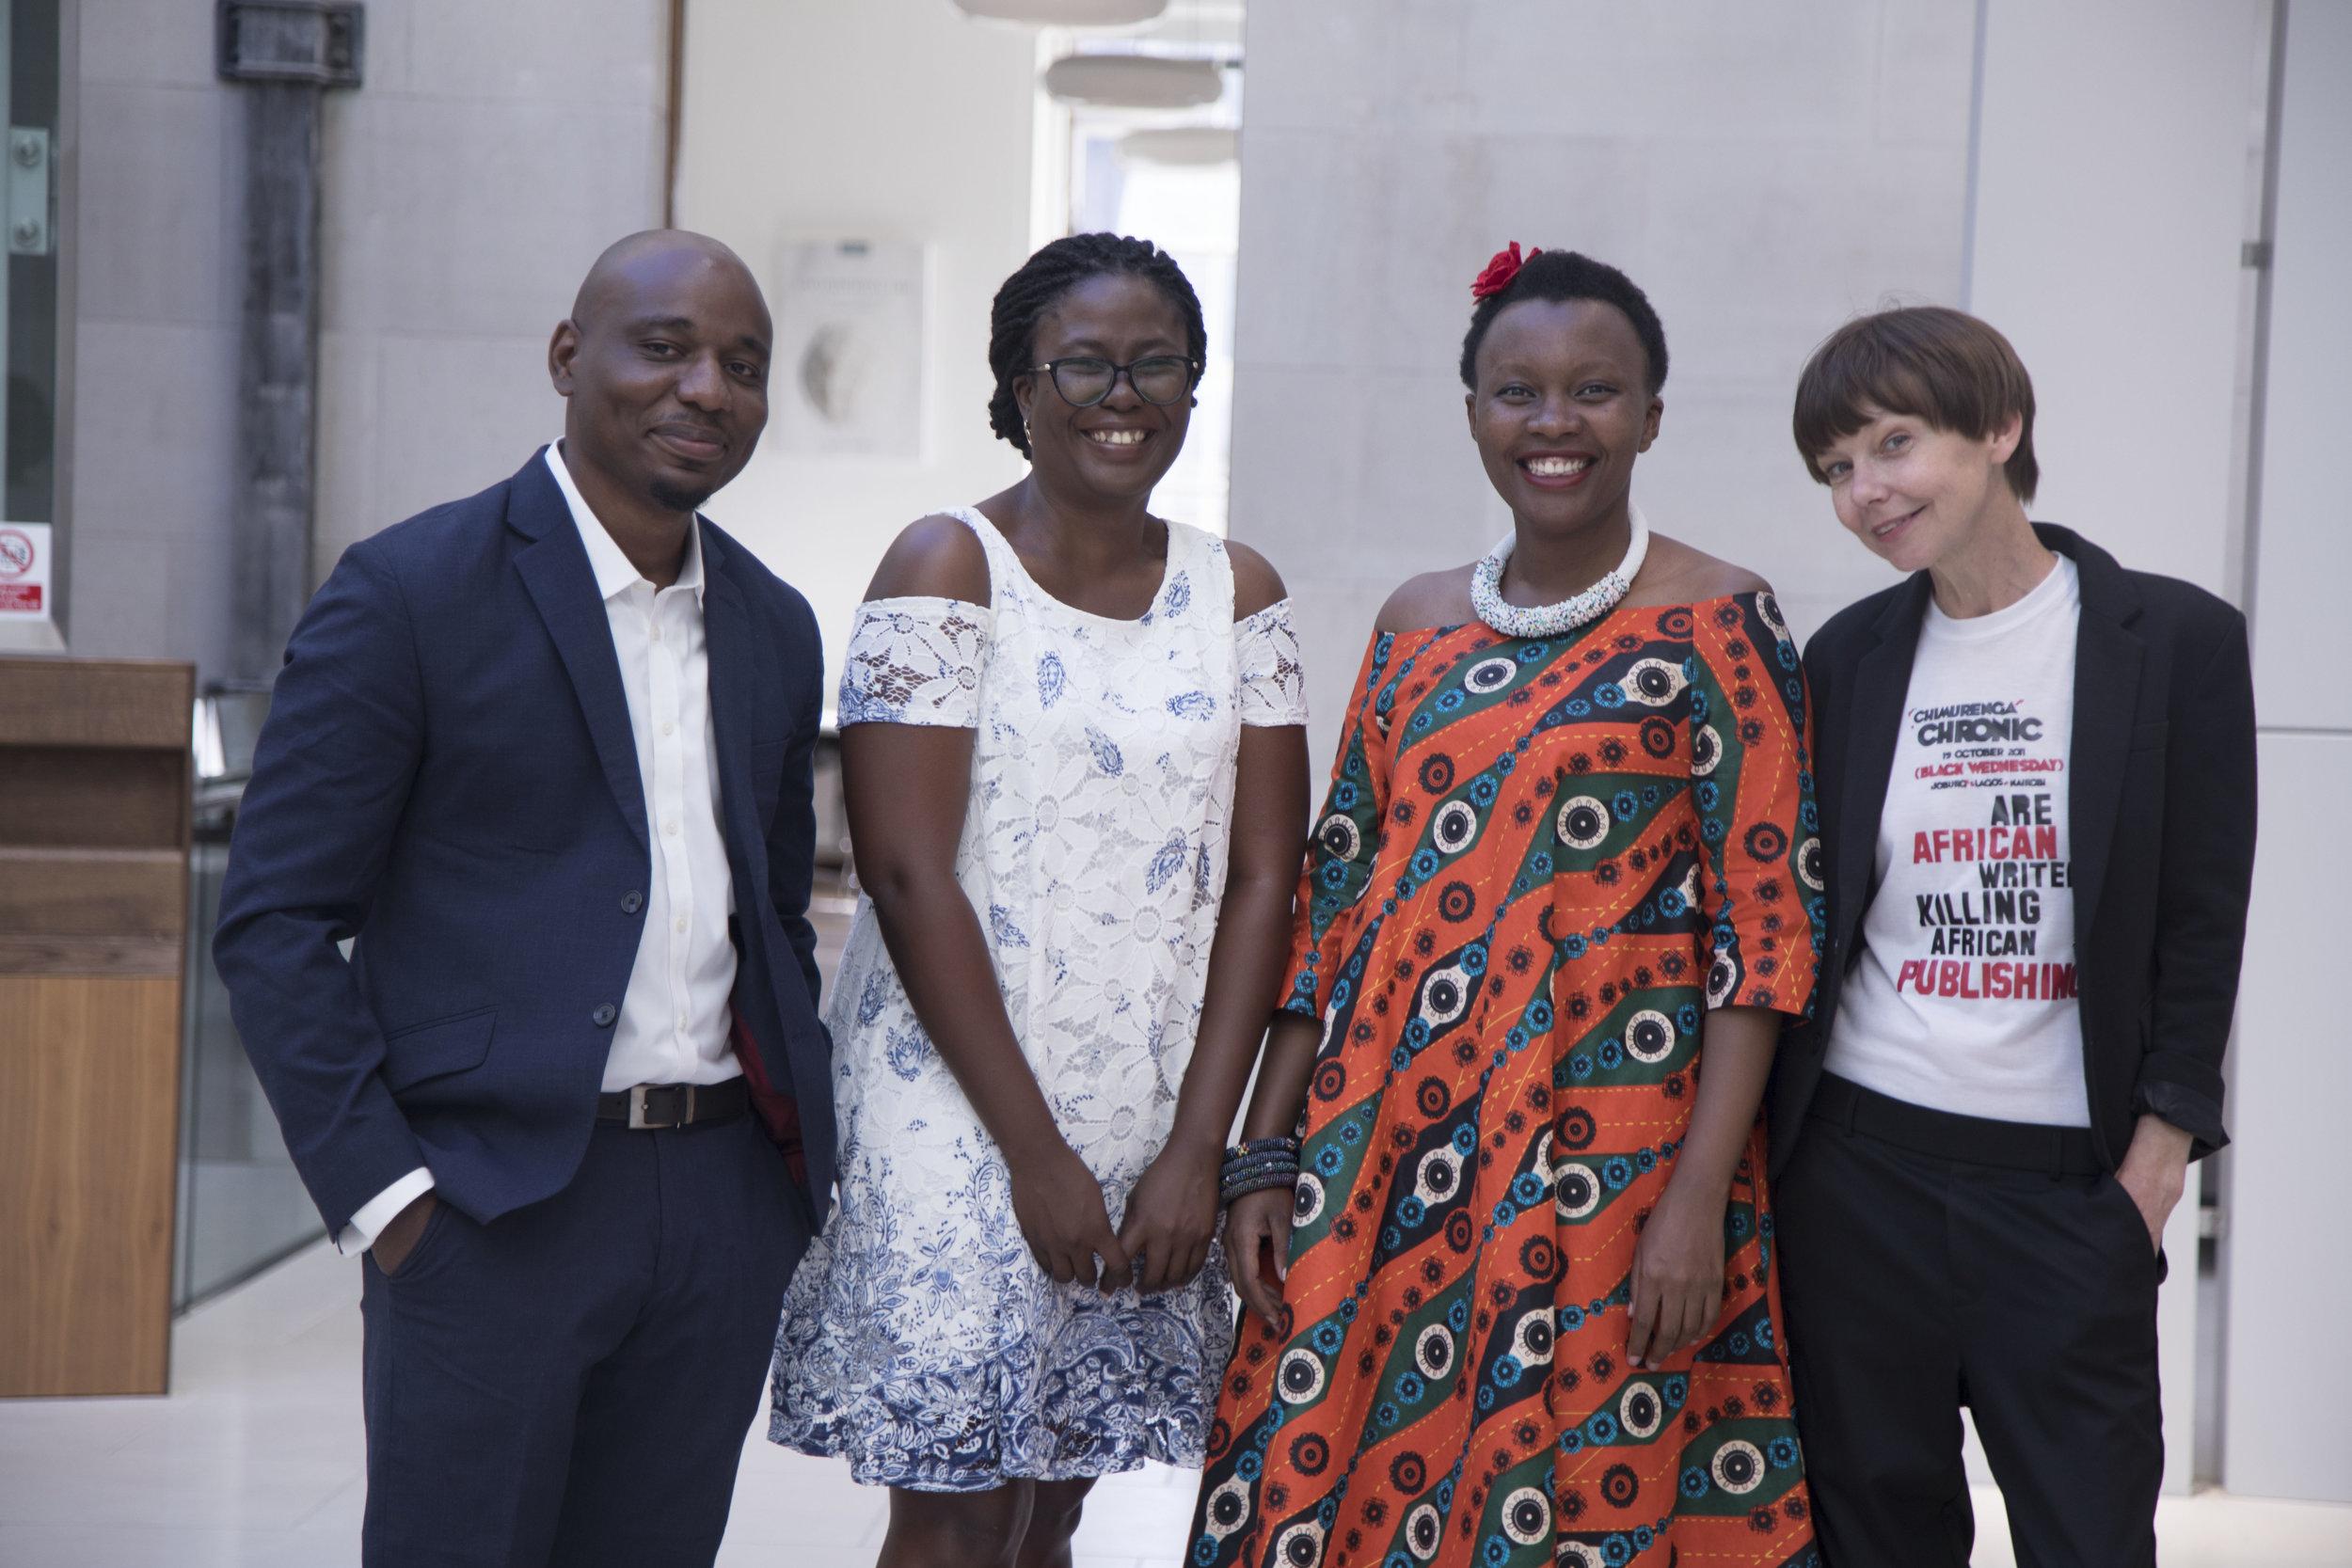 L-R: Wole Talabi, Olufunke Ogundimu, Makena Onjerika, Stacy Hardy, (Not pictured: Nonyelum Ekwempu)